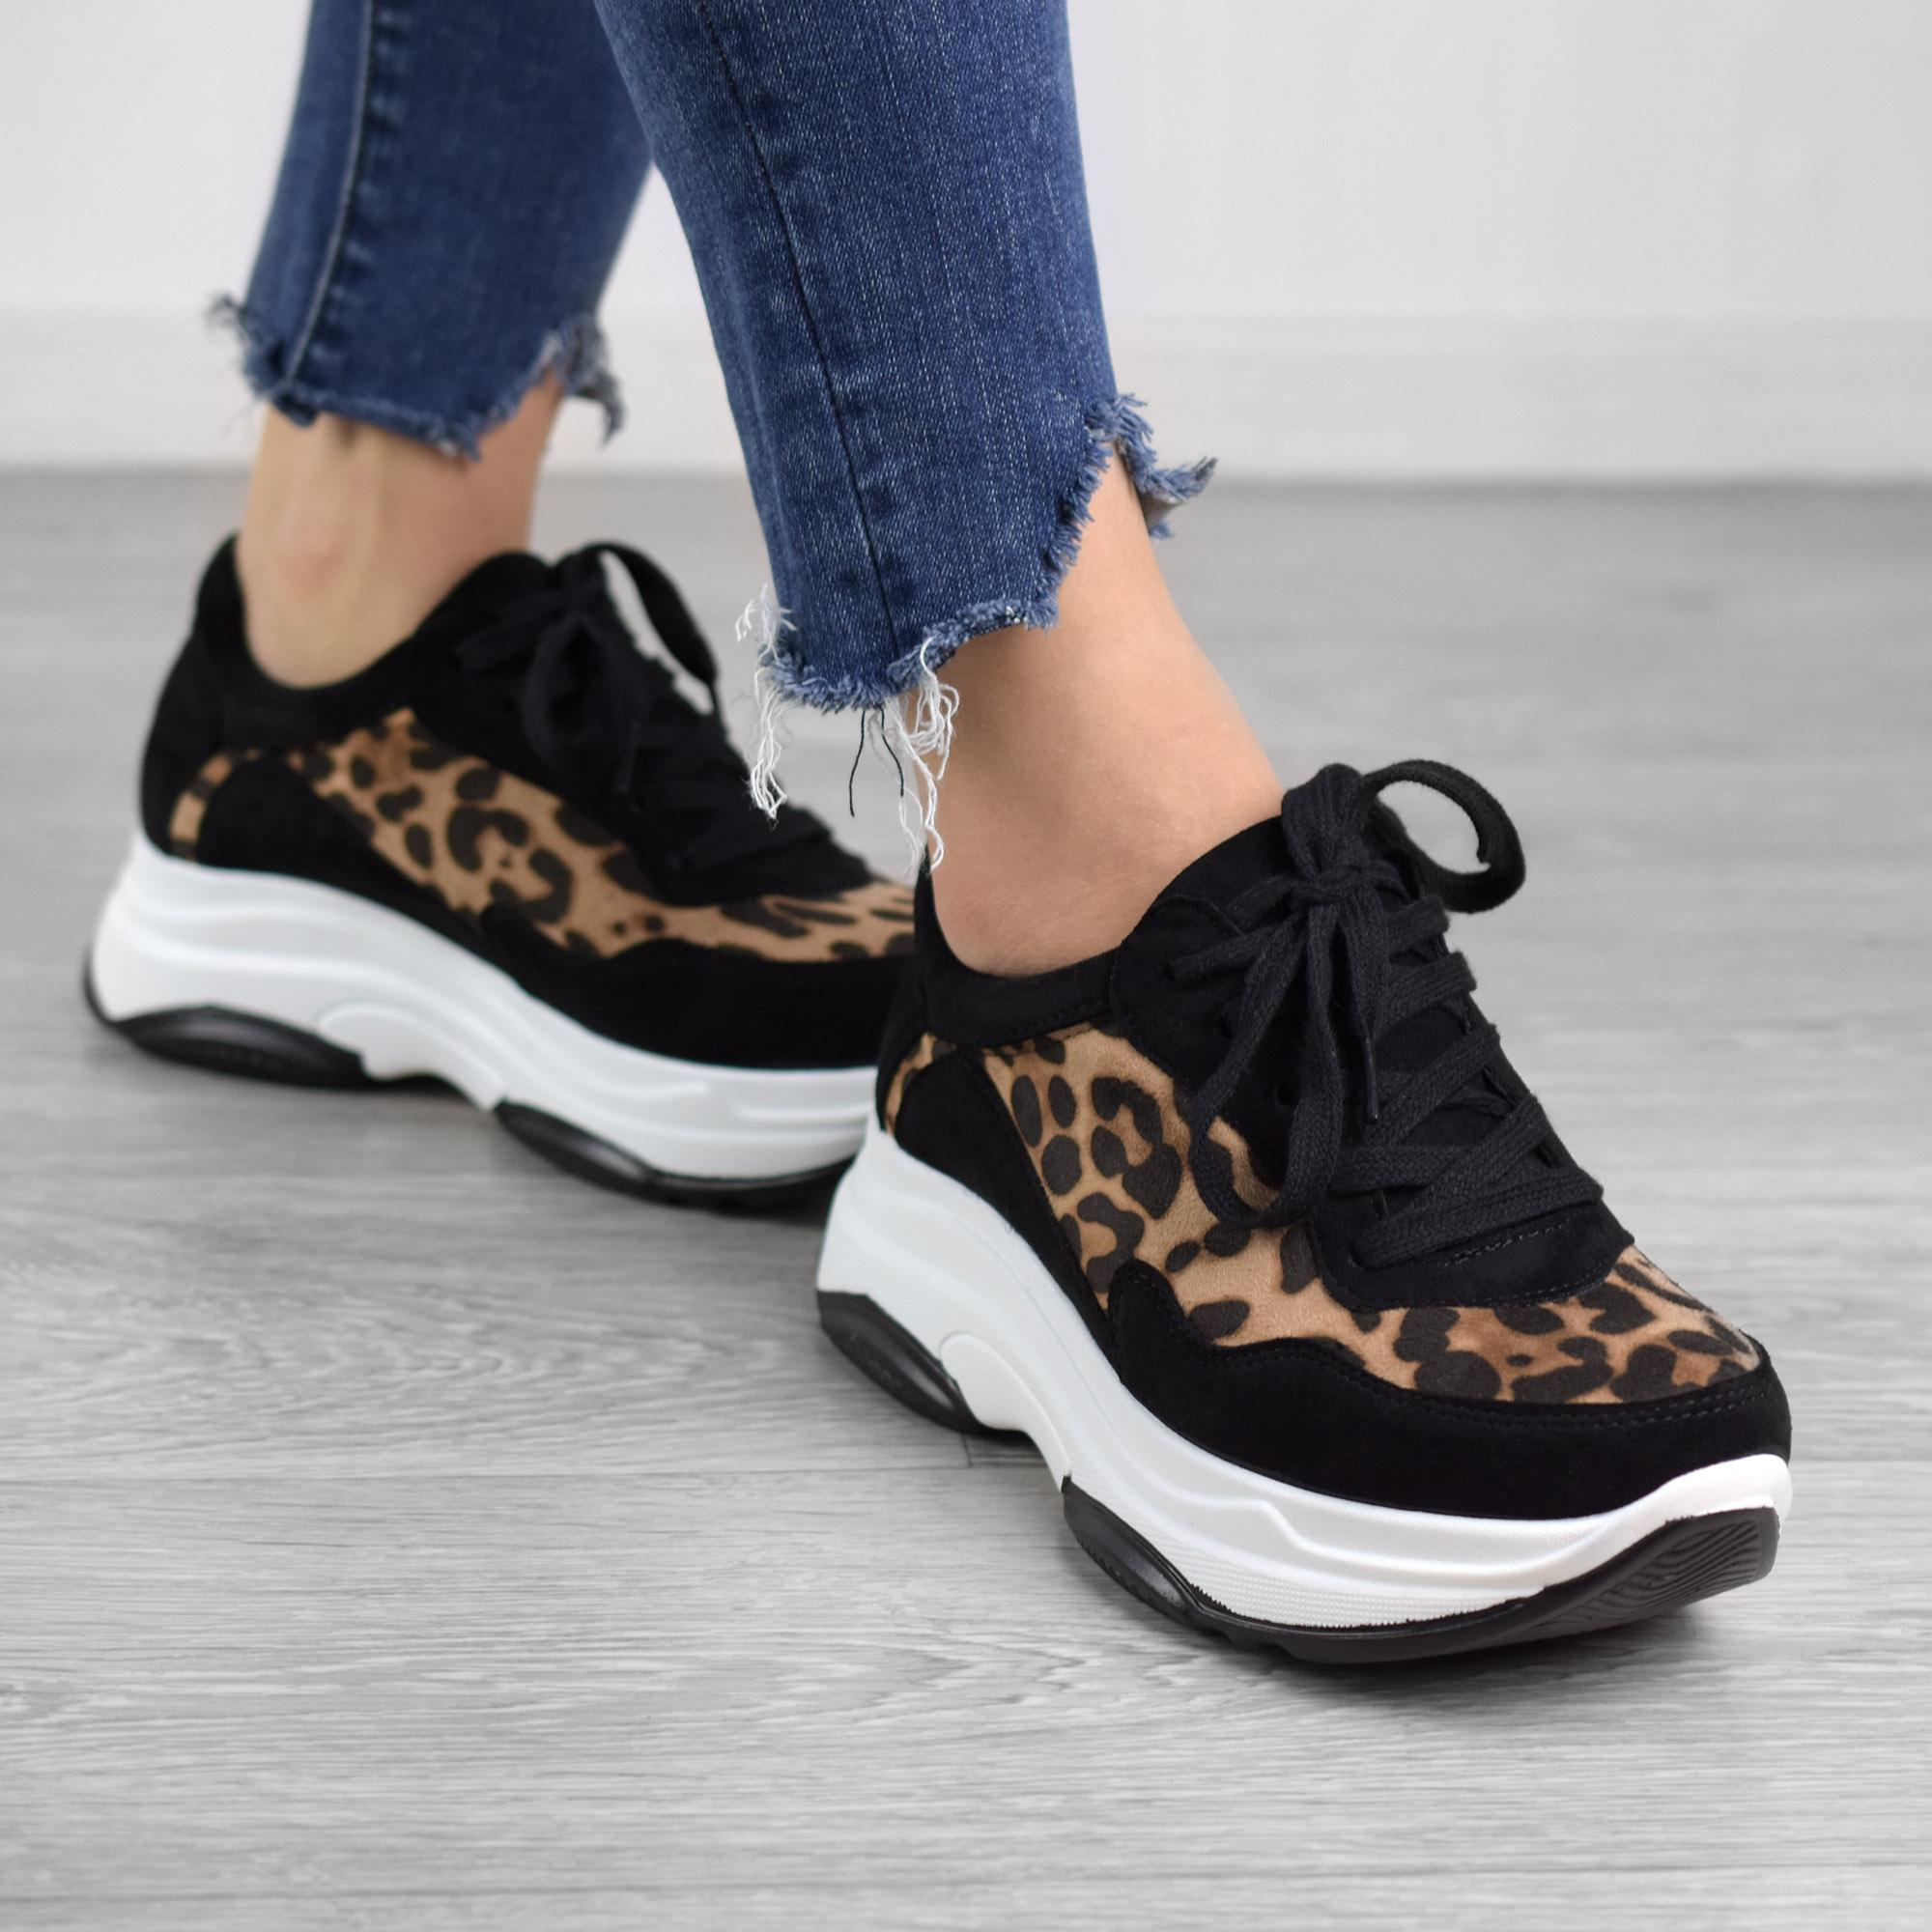 Fekete Leopárd Mintás Női Művelúr Magastalpú Félcipő - MAGAS TALPÚ - Női  cipő webáruház-női csizmák 530fb7d053